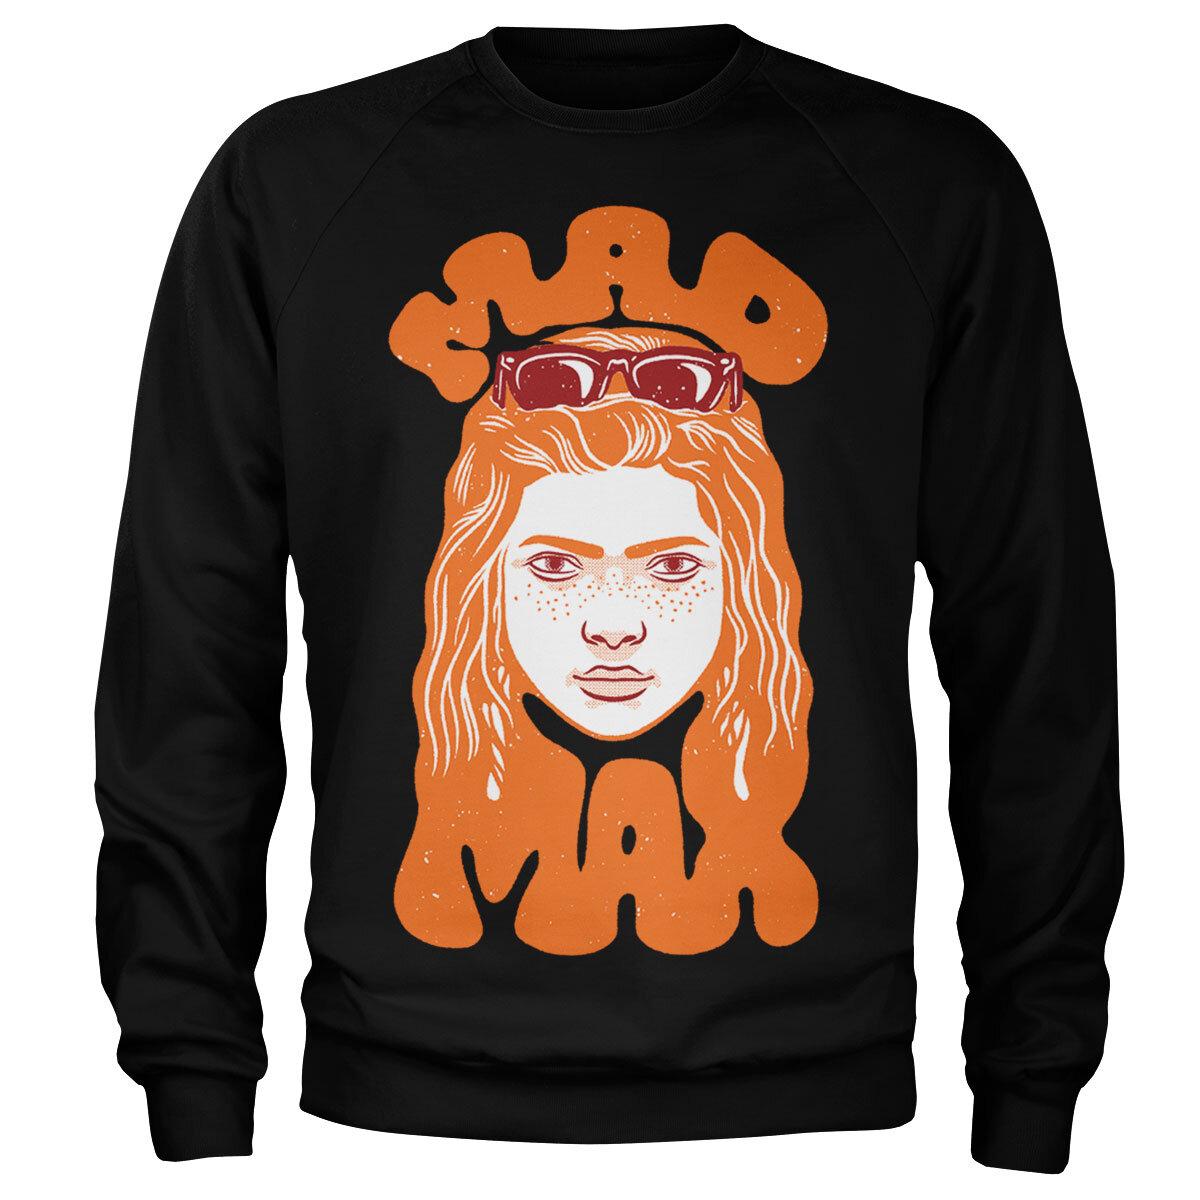 Stranger Things - Mad Max Sweatshirt